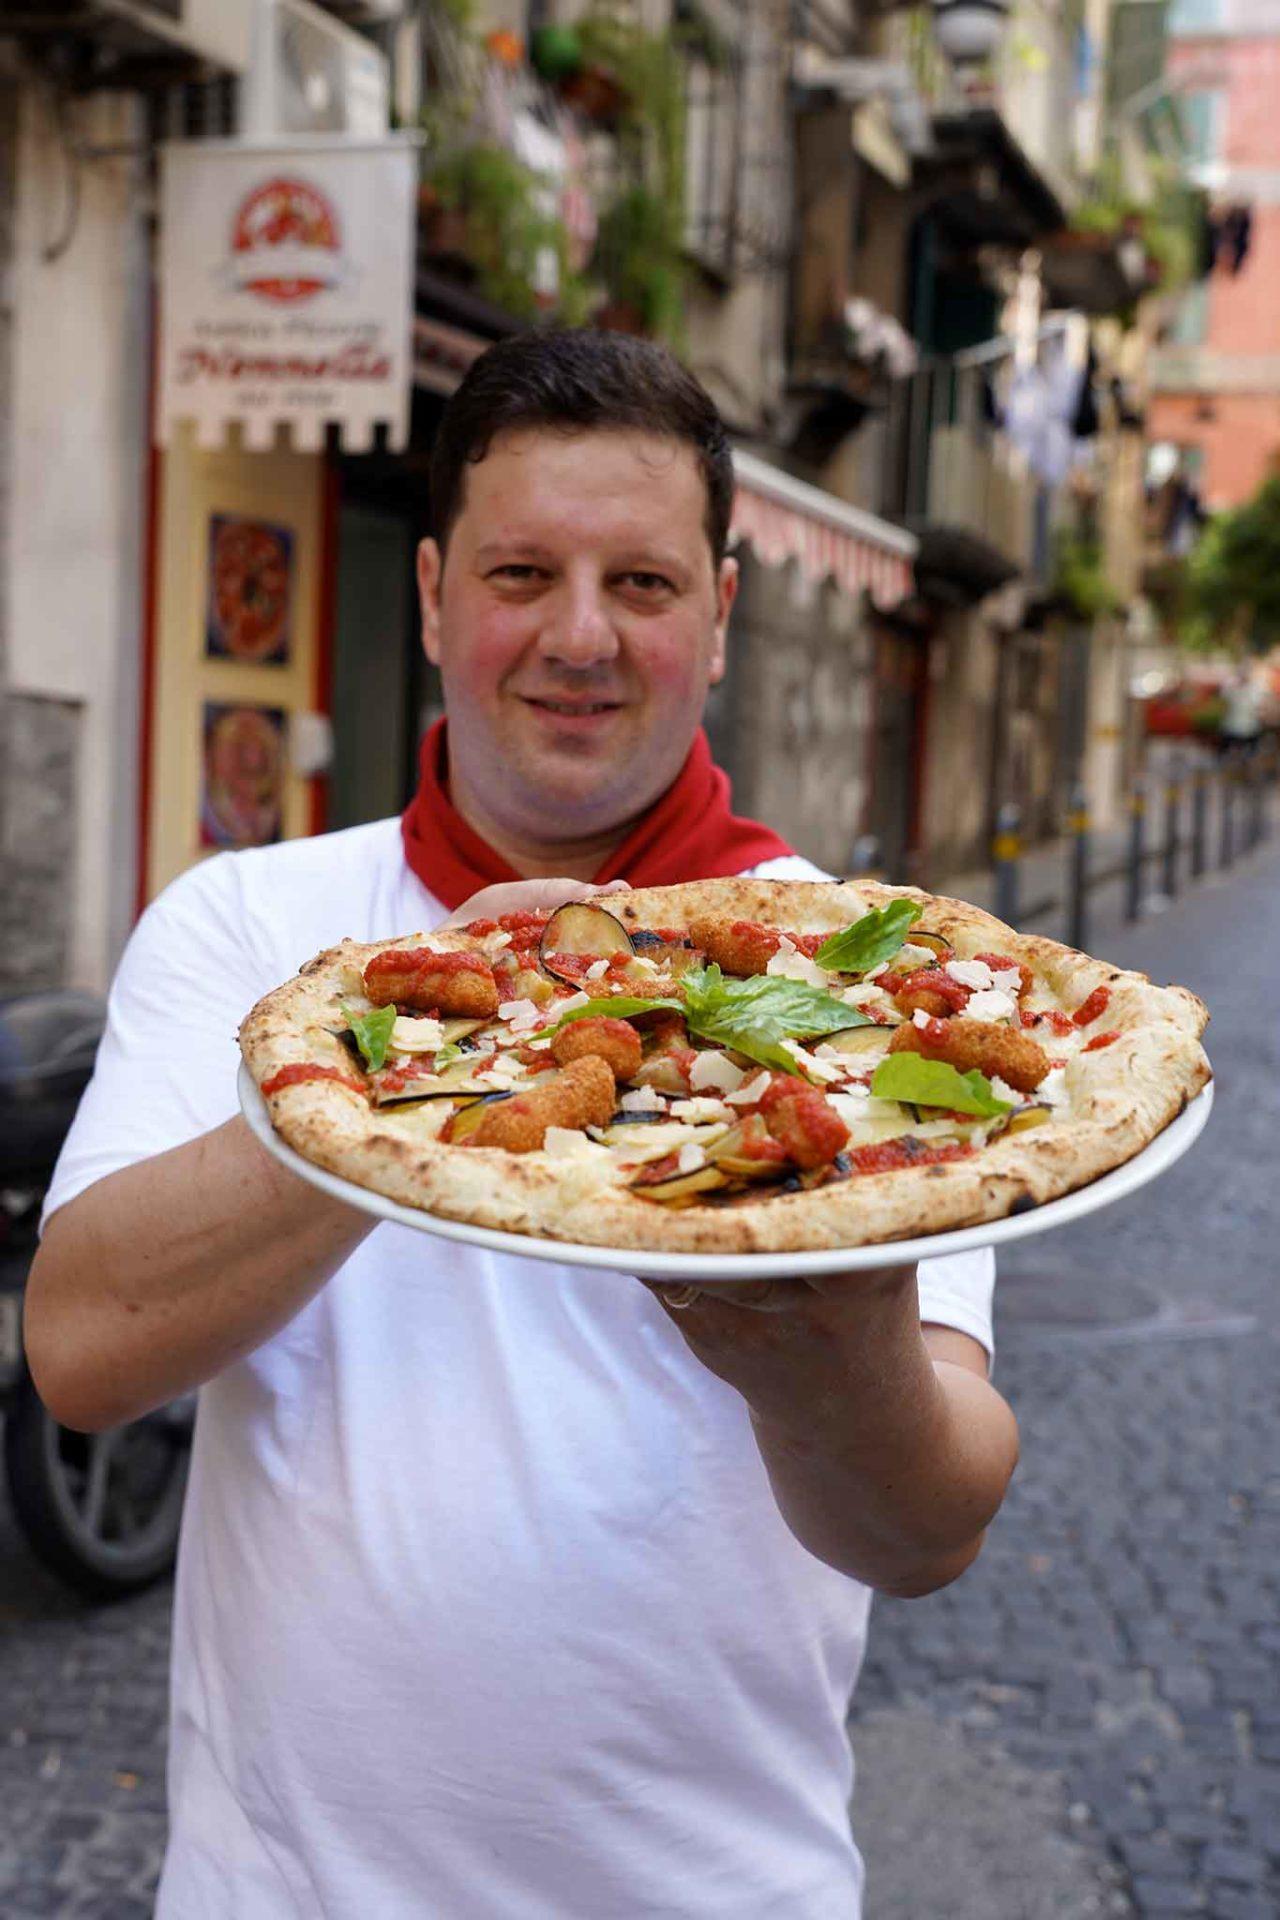 pizza Quartieri Spagnoli Pasquale Nennella